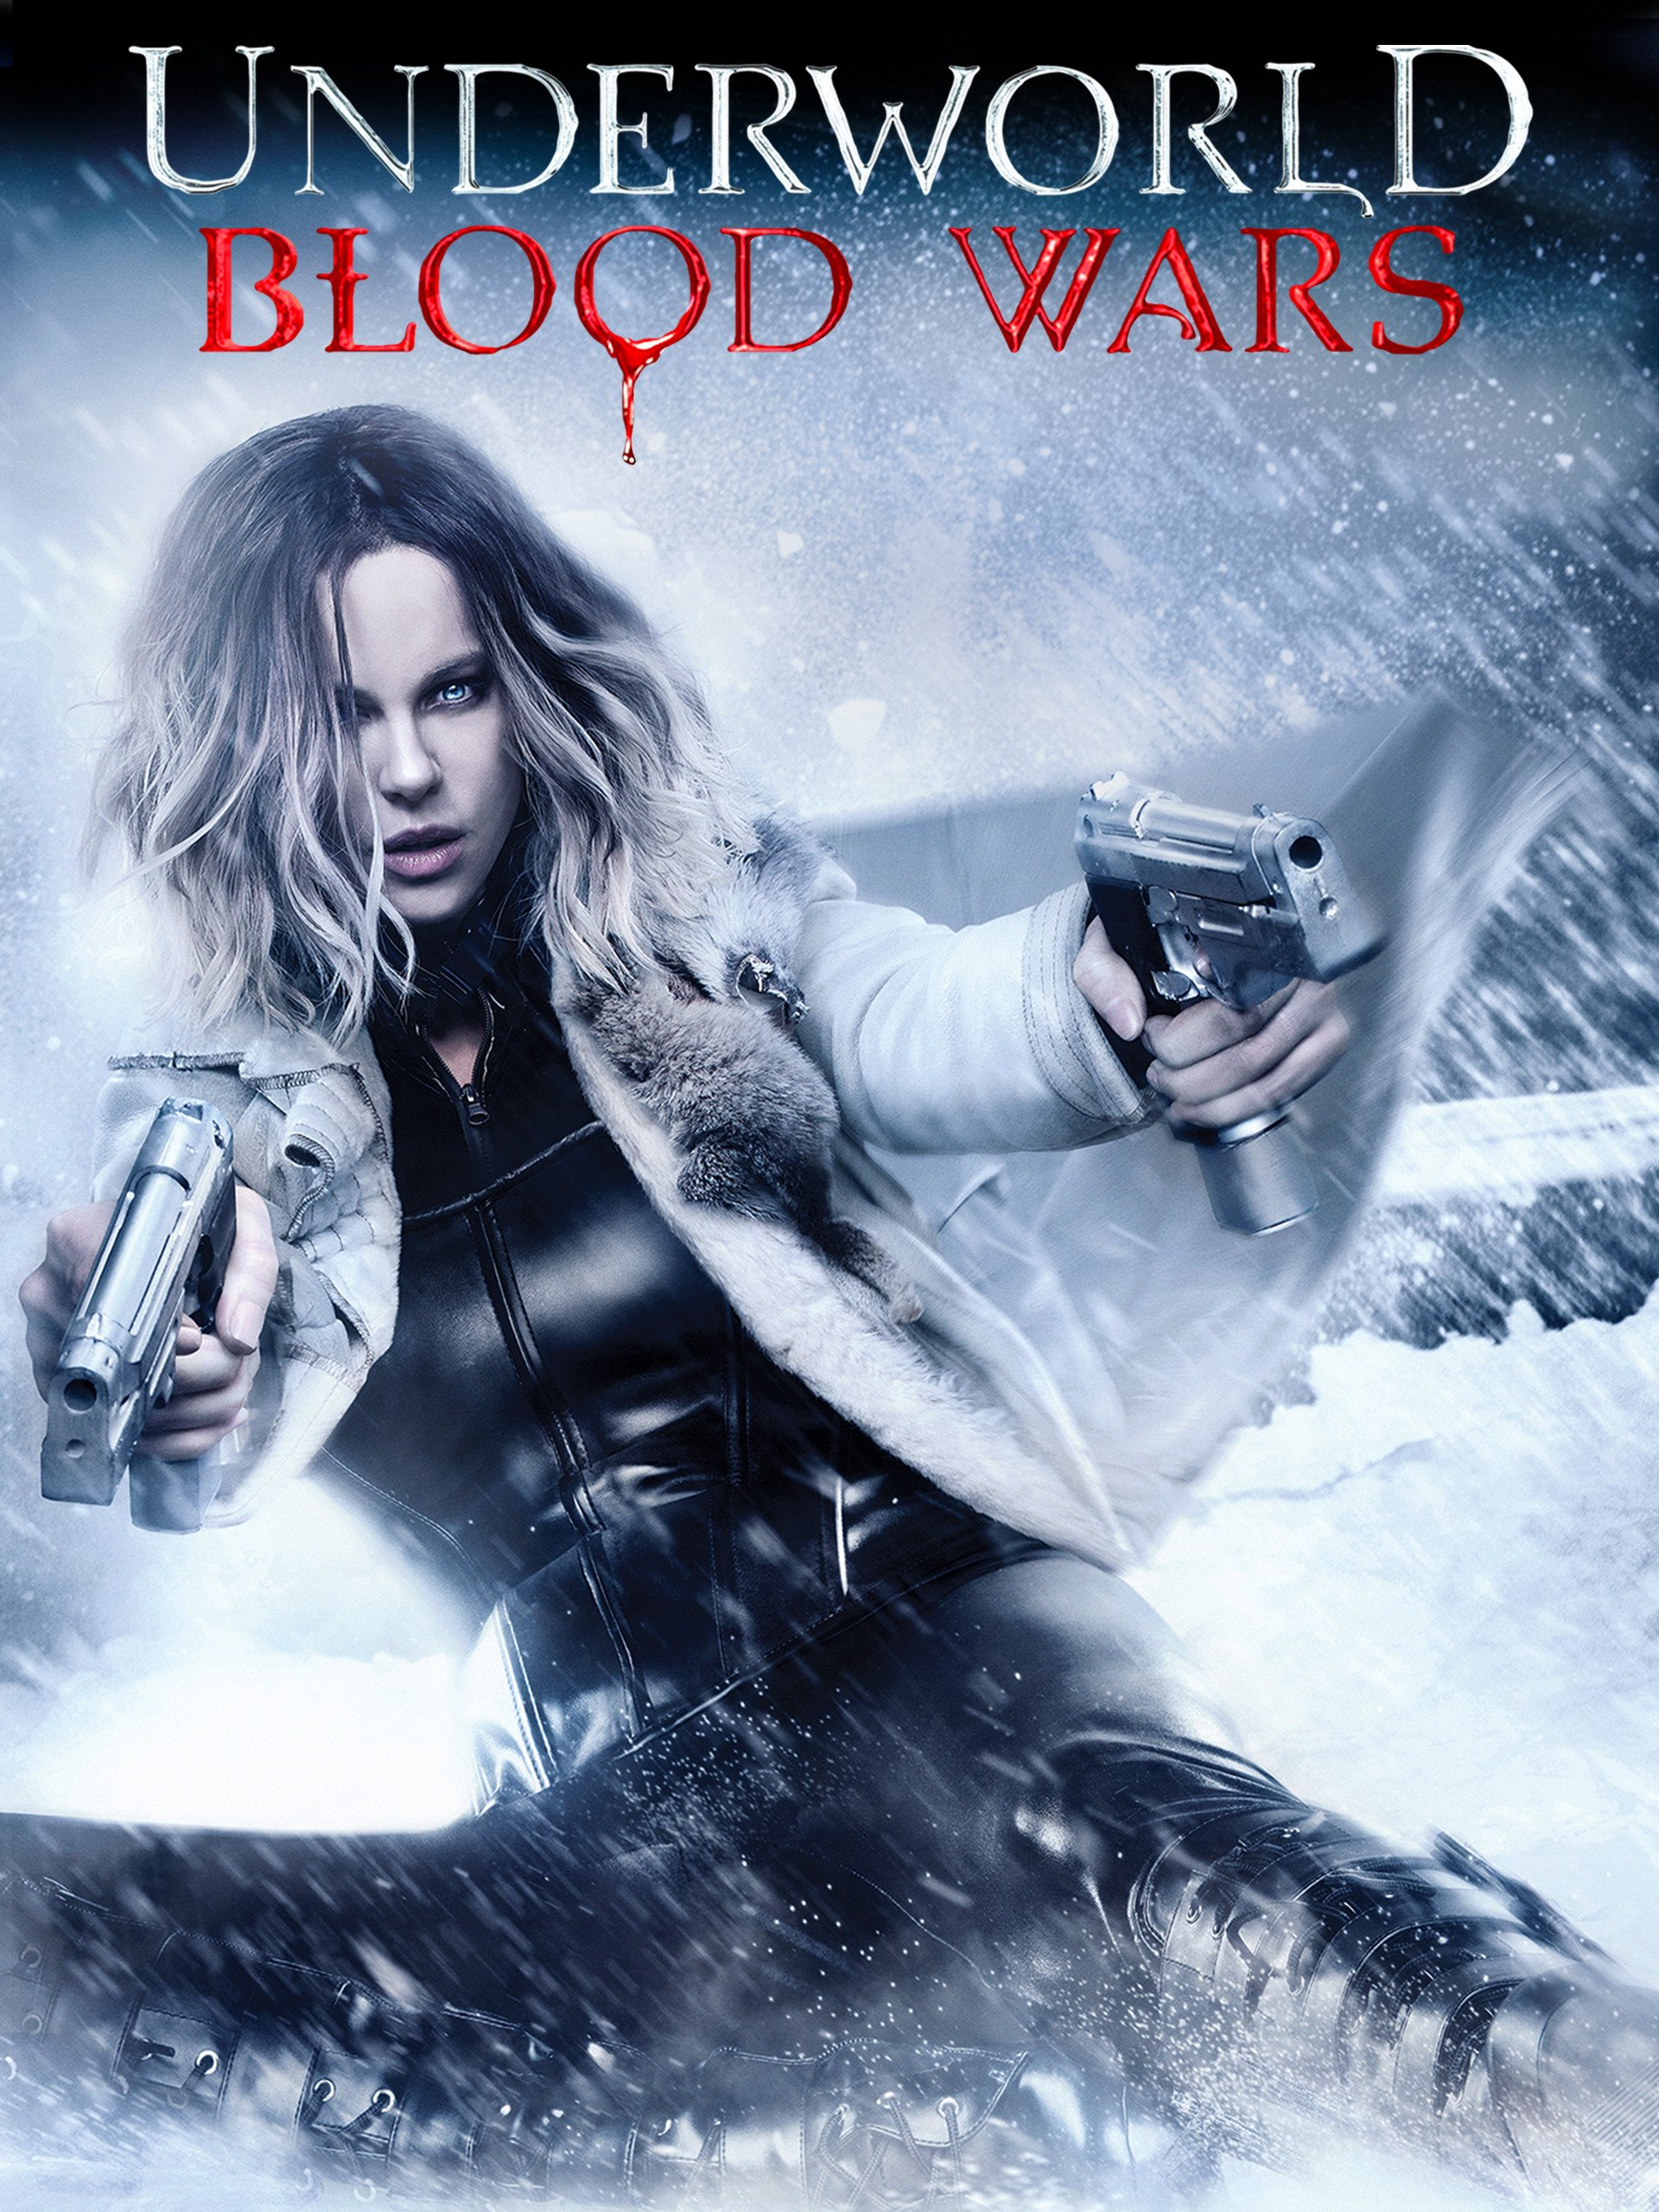 underworld blood wars full movie free 123movies